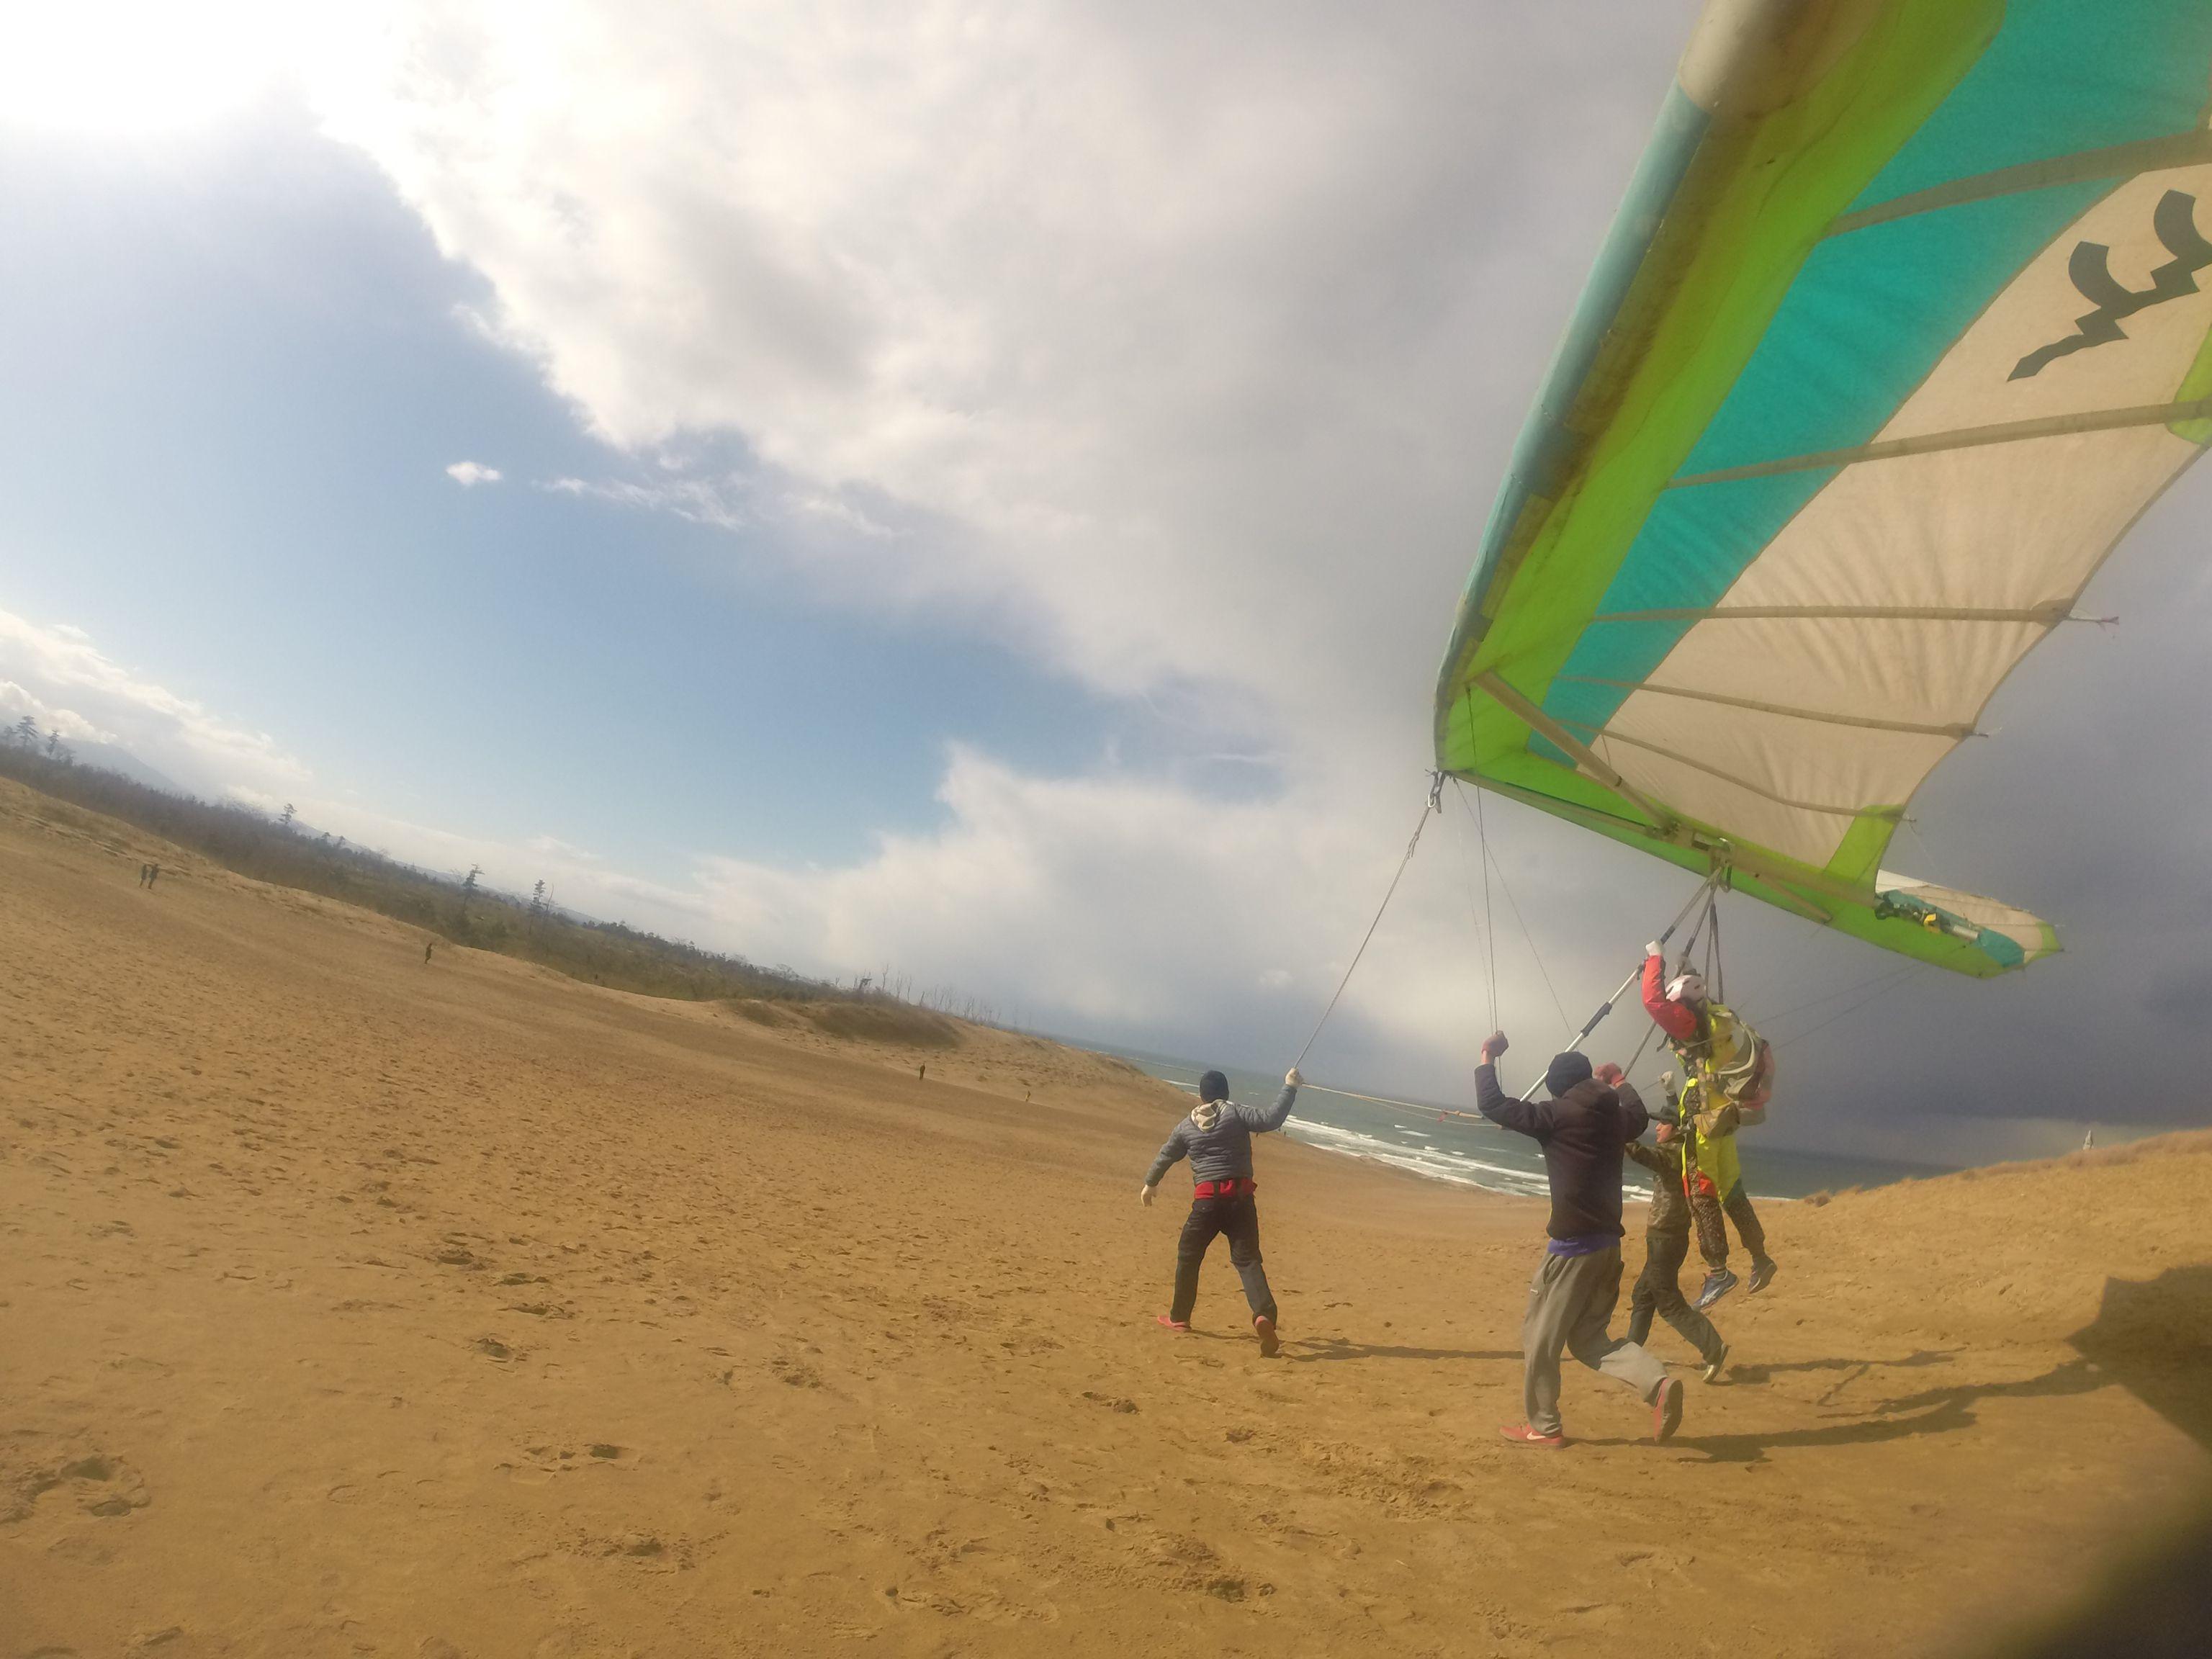 初めてのハンググライダーでそっと空へ